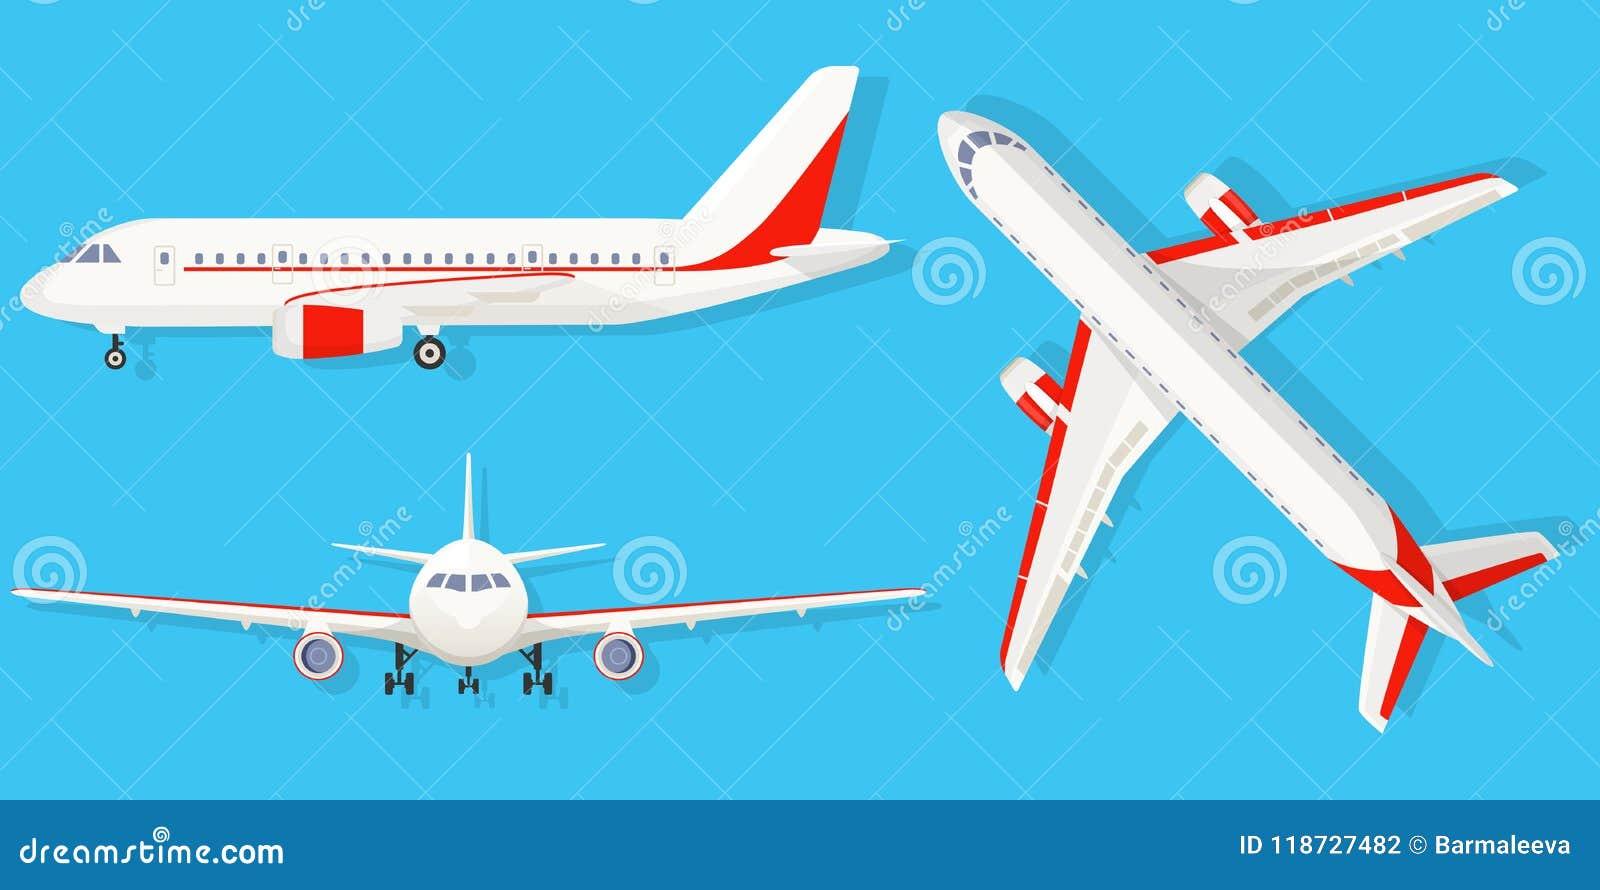 Avion sur le fond bleu dans le point de vue différent Avion de ligne dans le dessus, côté, vue de face Style plat